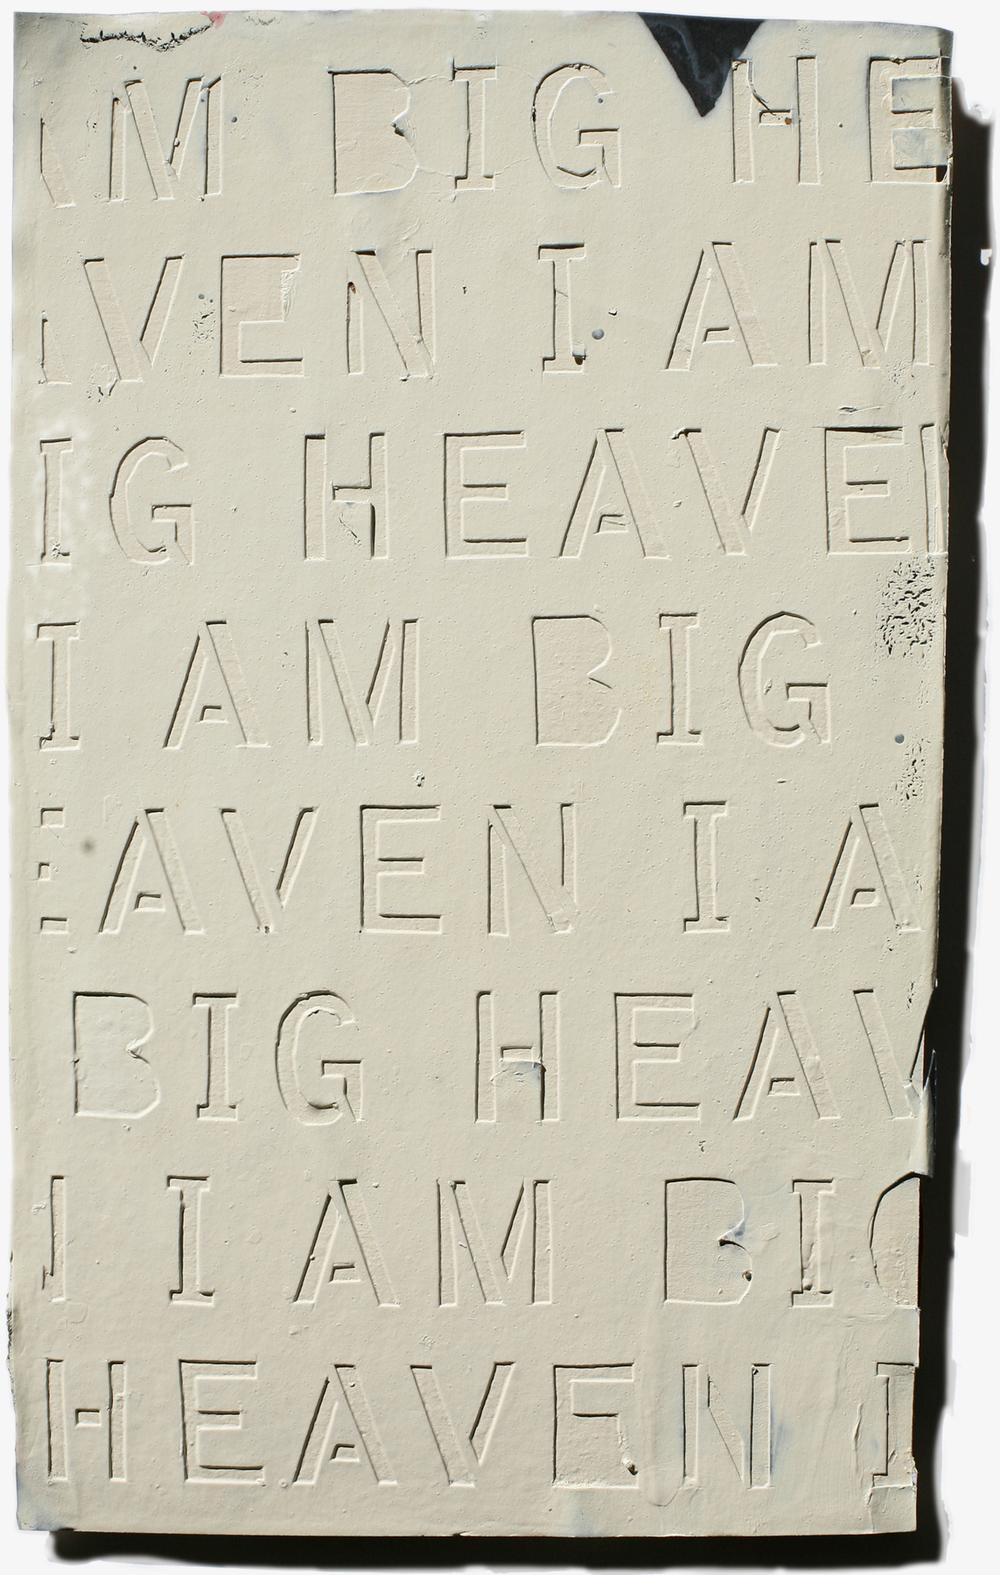 I Am Big Heaven 10.15, mixed media on cardboard